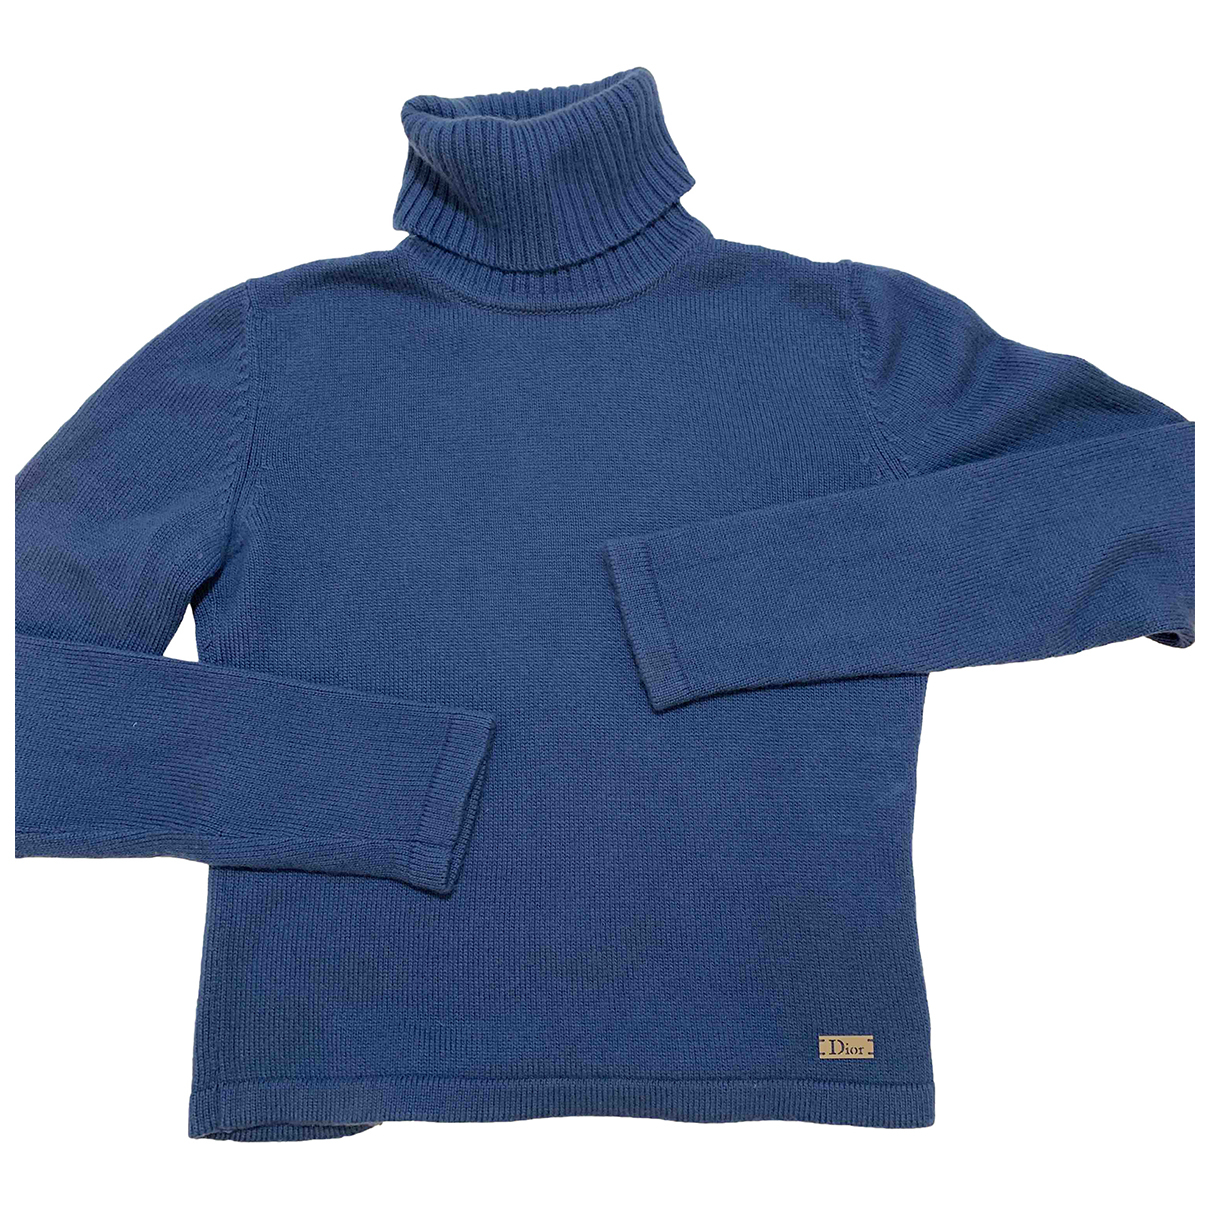 Dior - Pull   pour femme en cachemire - bleu